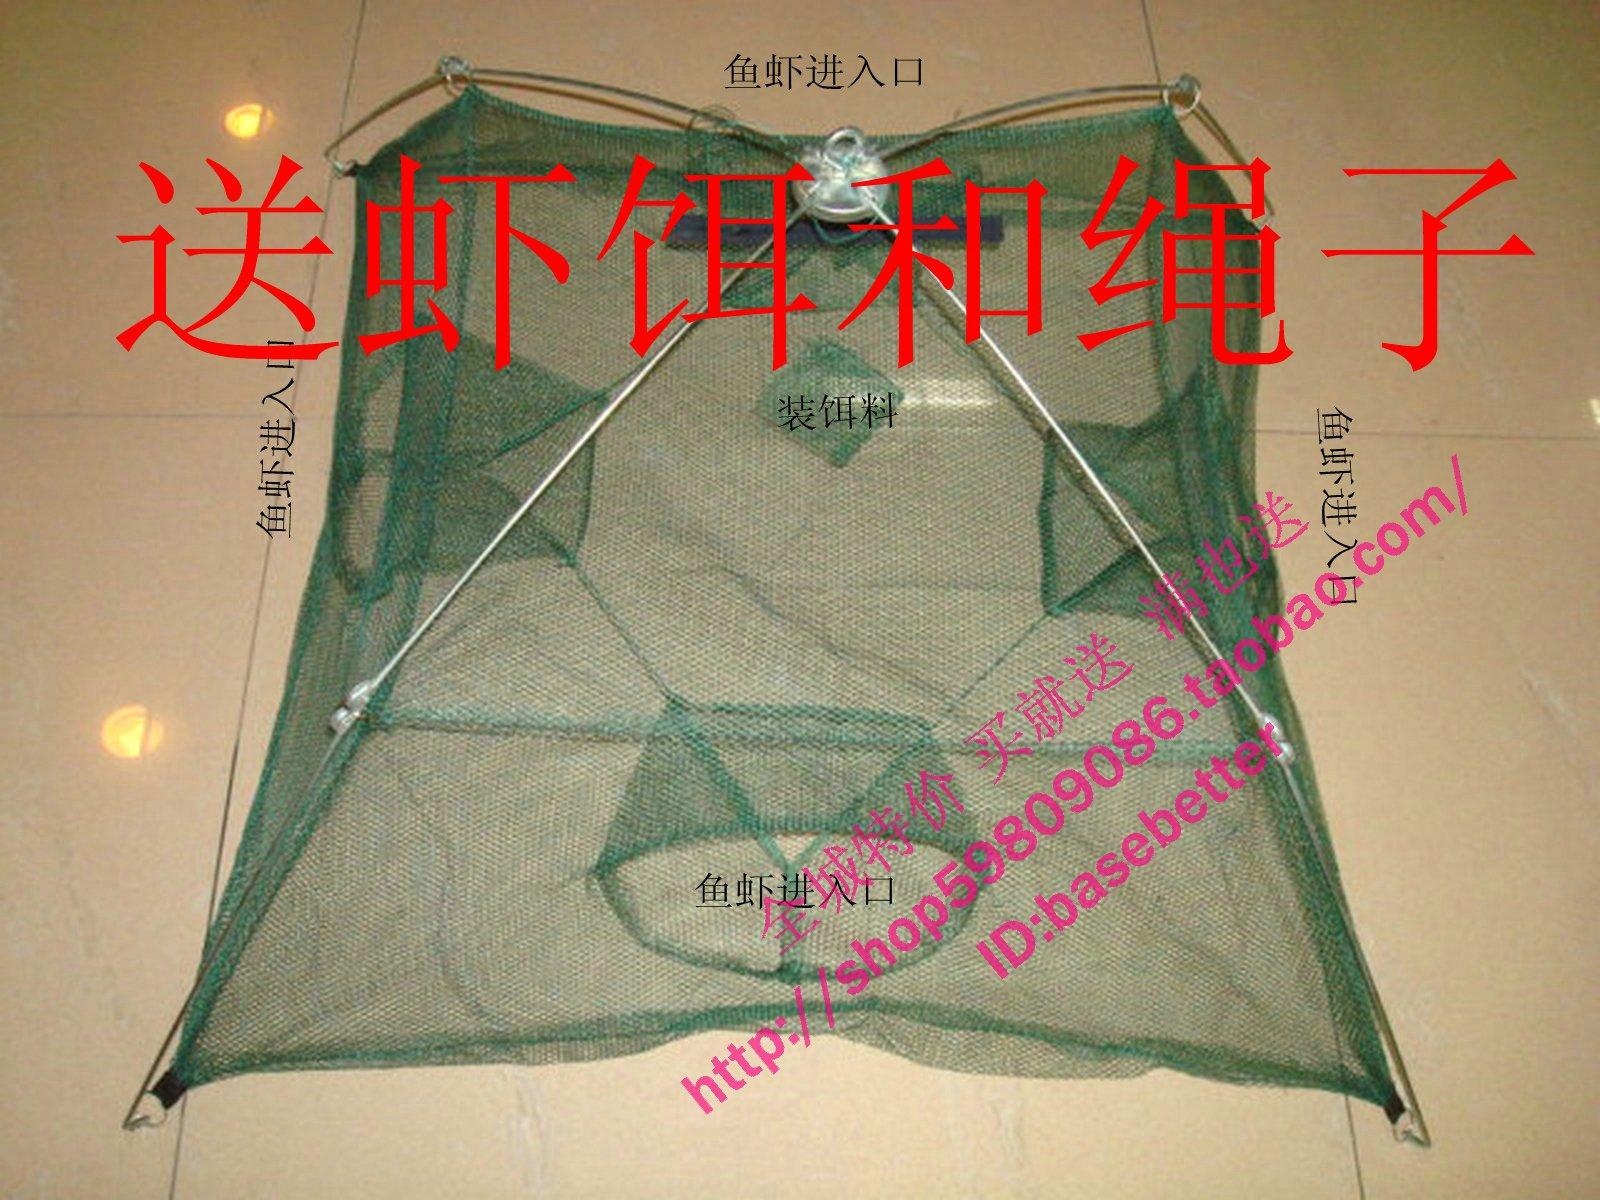 ловля рыбы на парашют цена